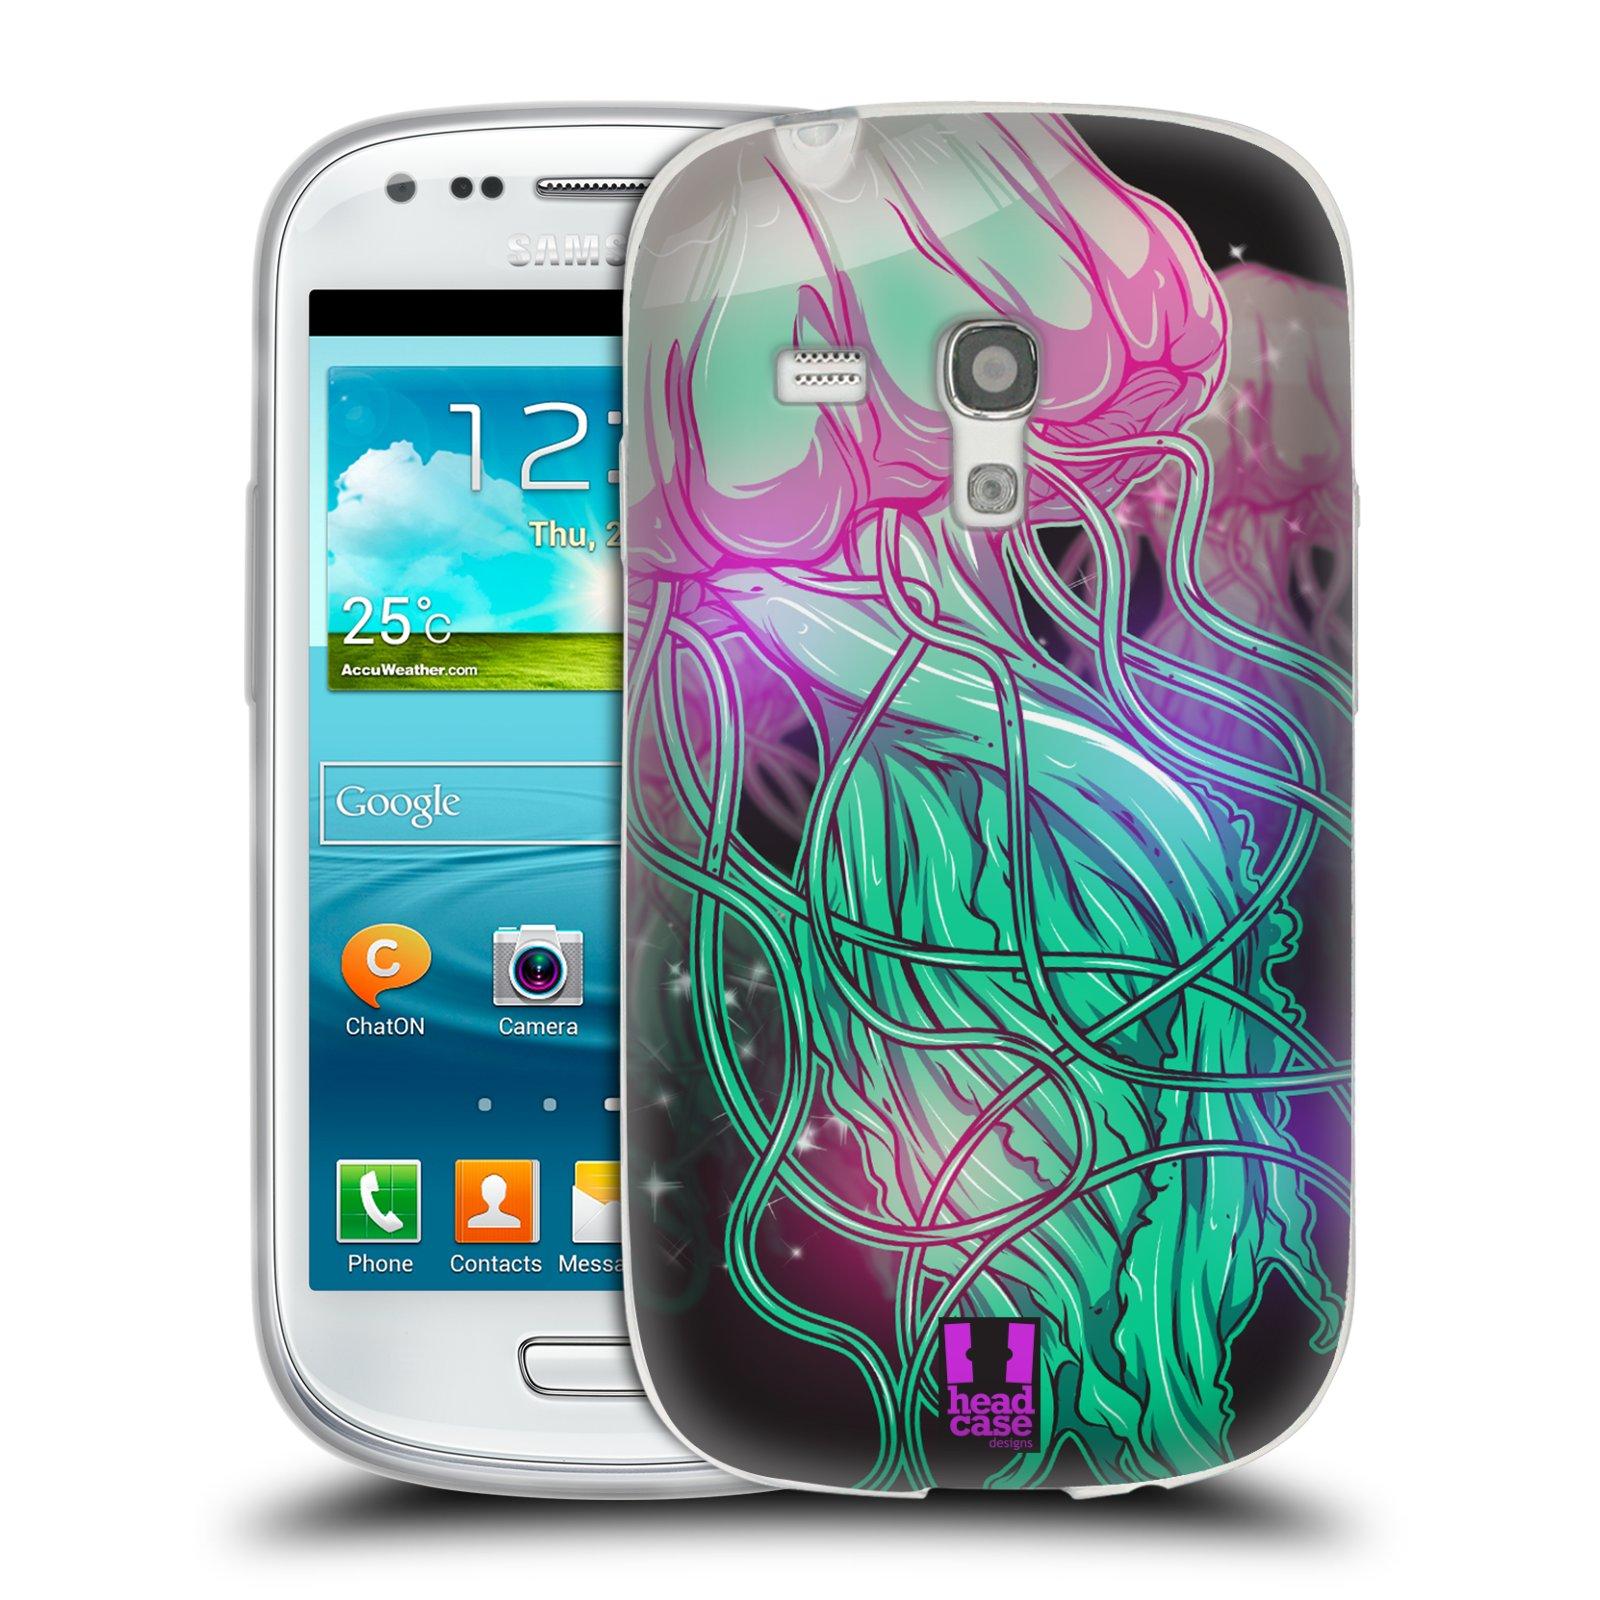 HEAD CASE silikonový obal na mobil Samsung Galaxy S3 MINI i8190 vzor mořská monstra medůza